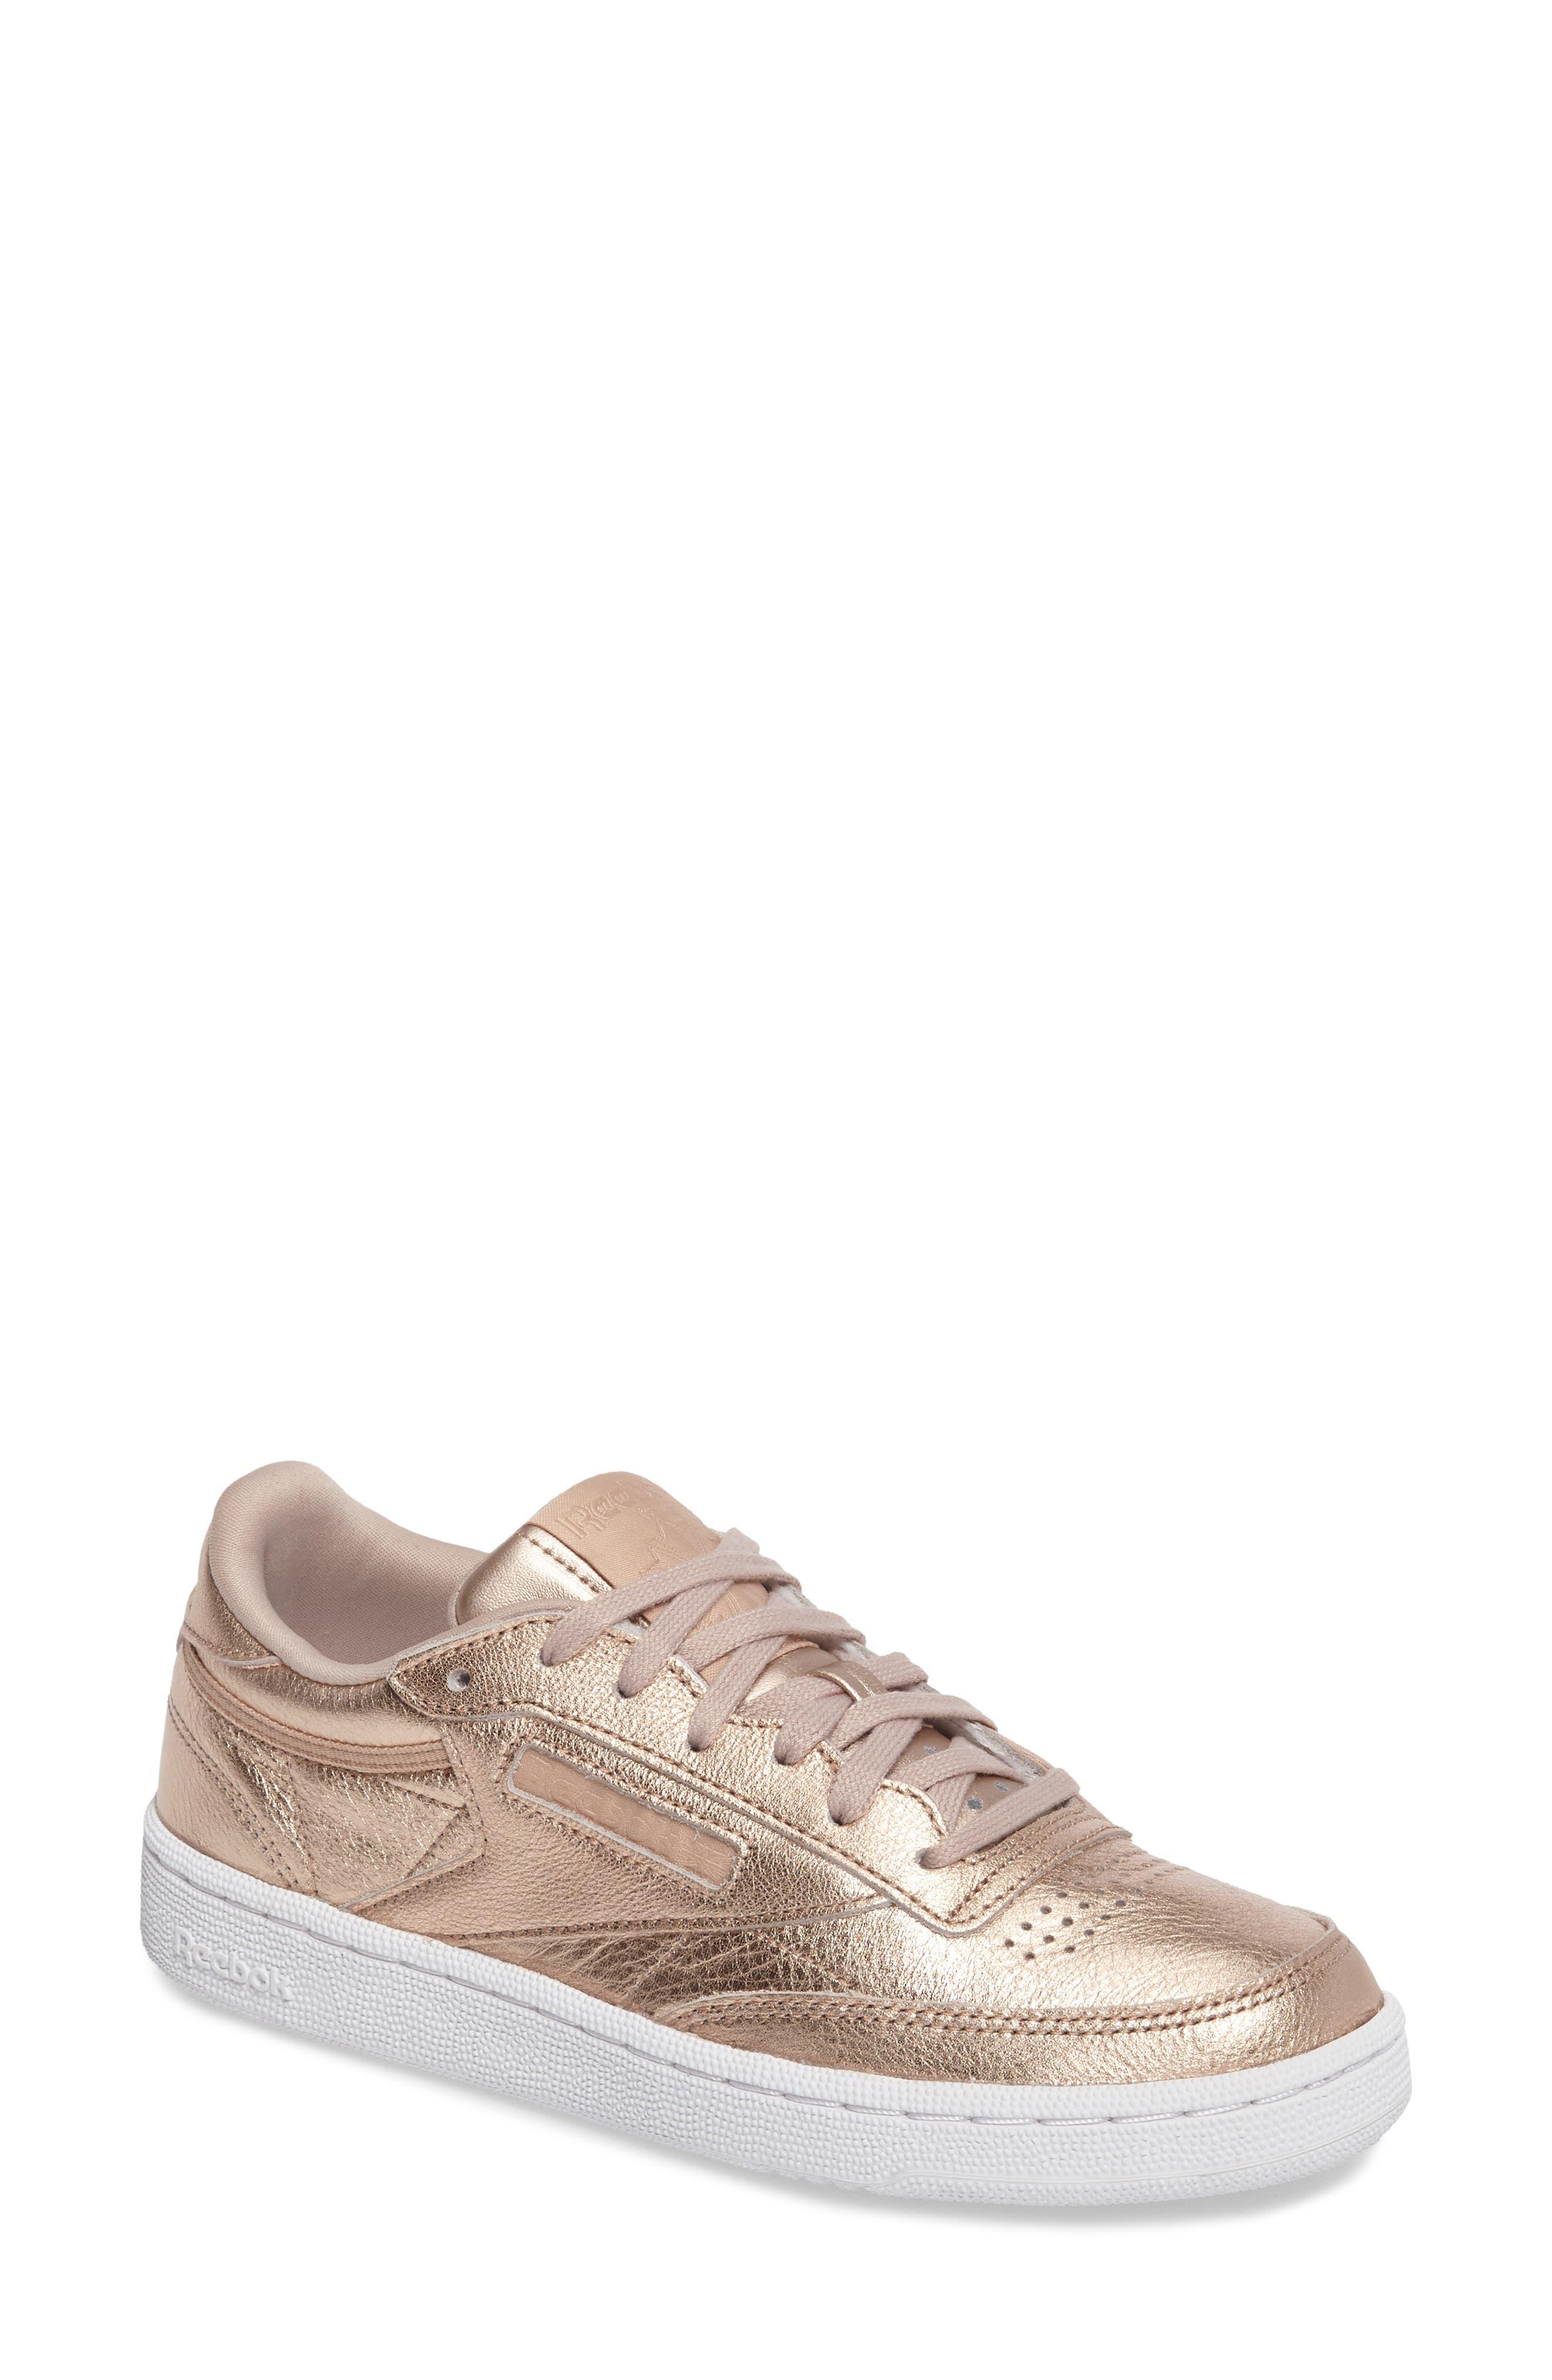 Club C 85 Sneaker,                             Main thumbnail 1, color,                             Peach/ White Pearl